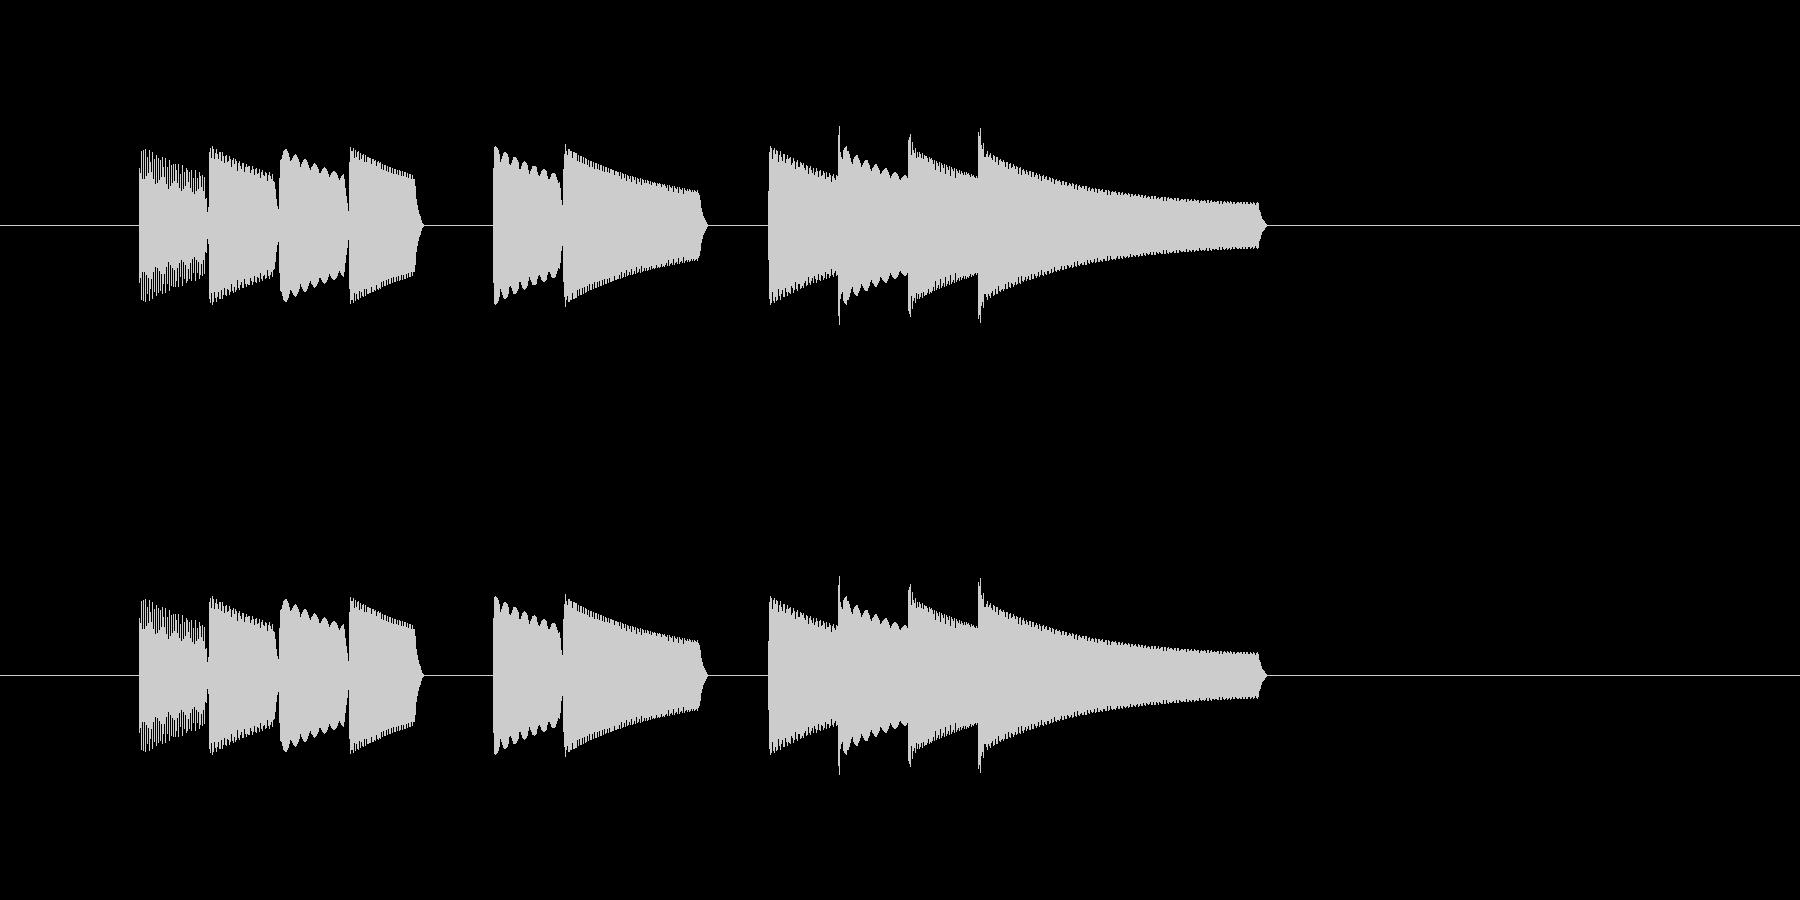 ファミコン風レベルアップ音の未再生の波形